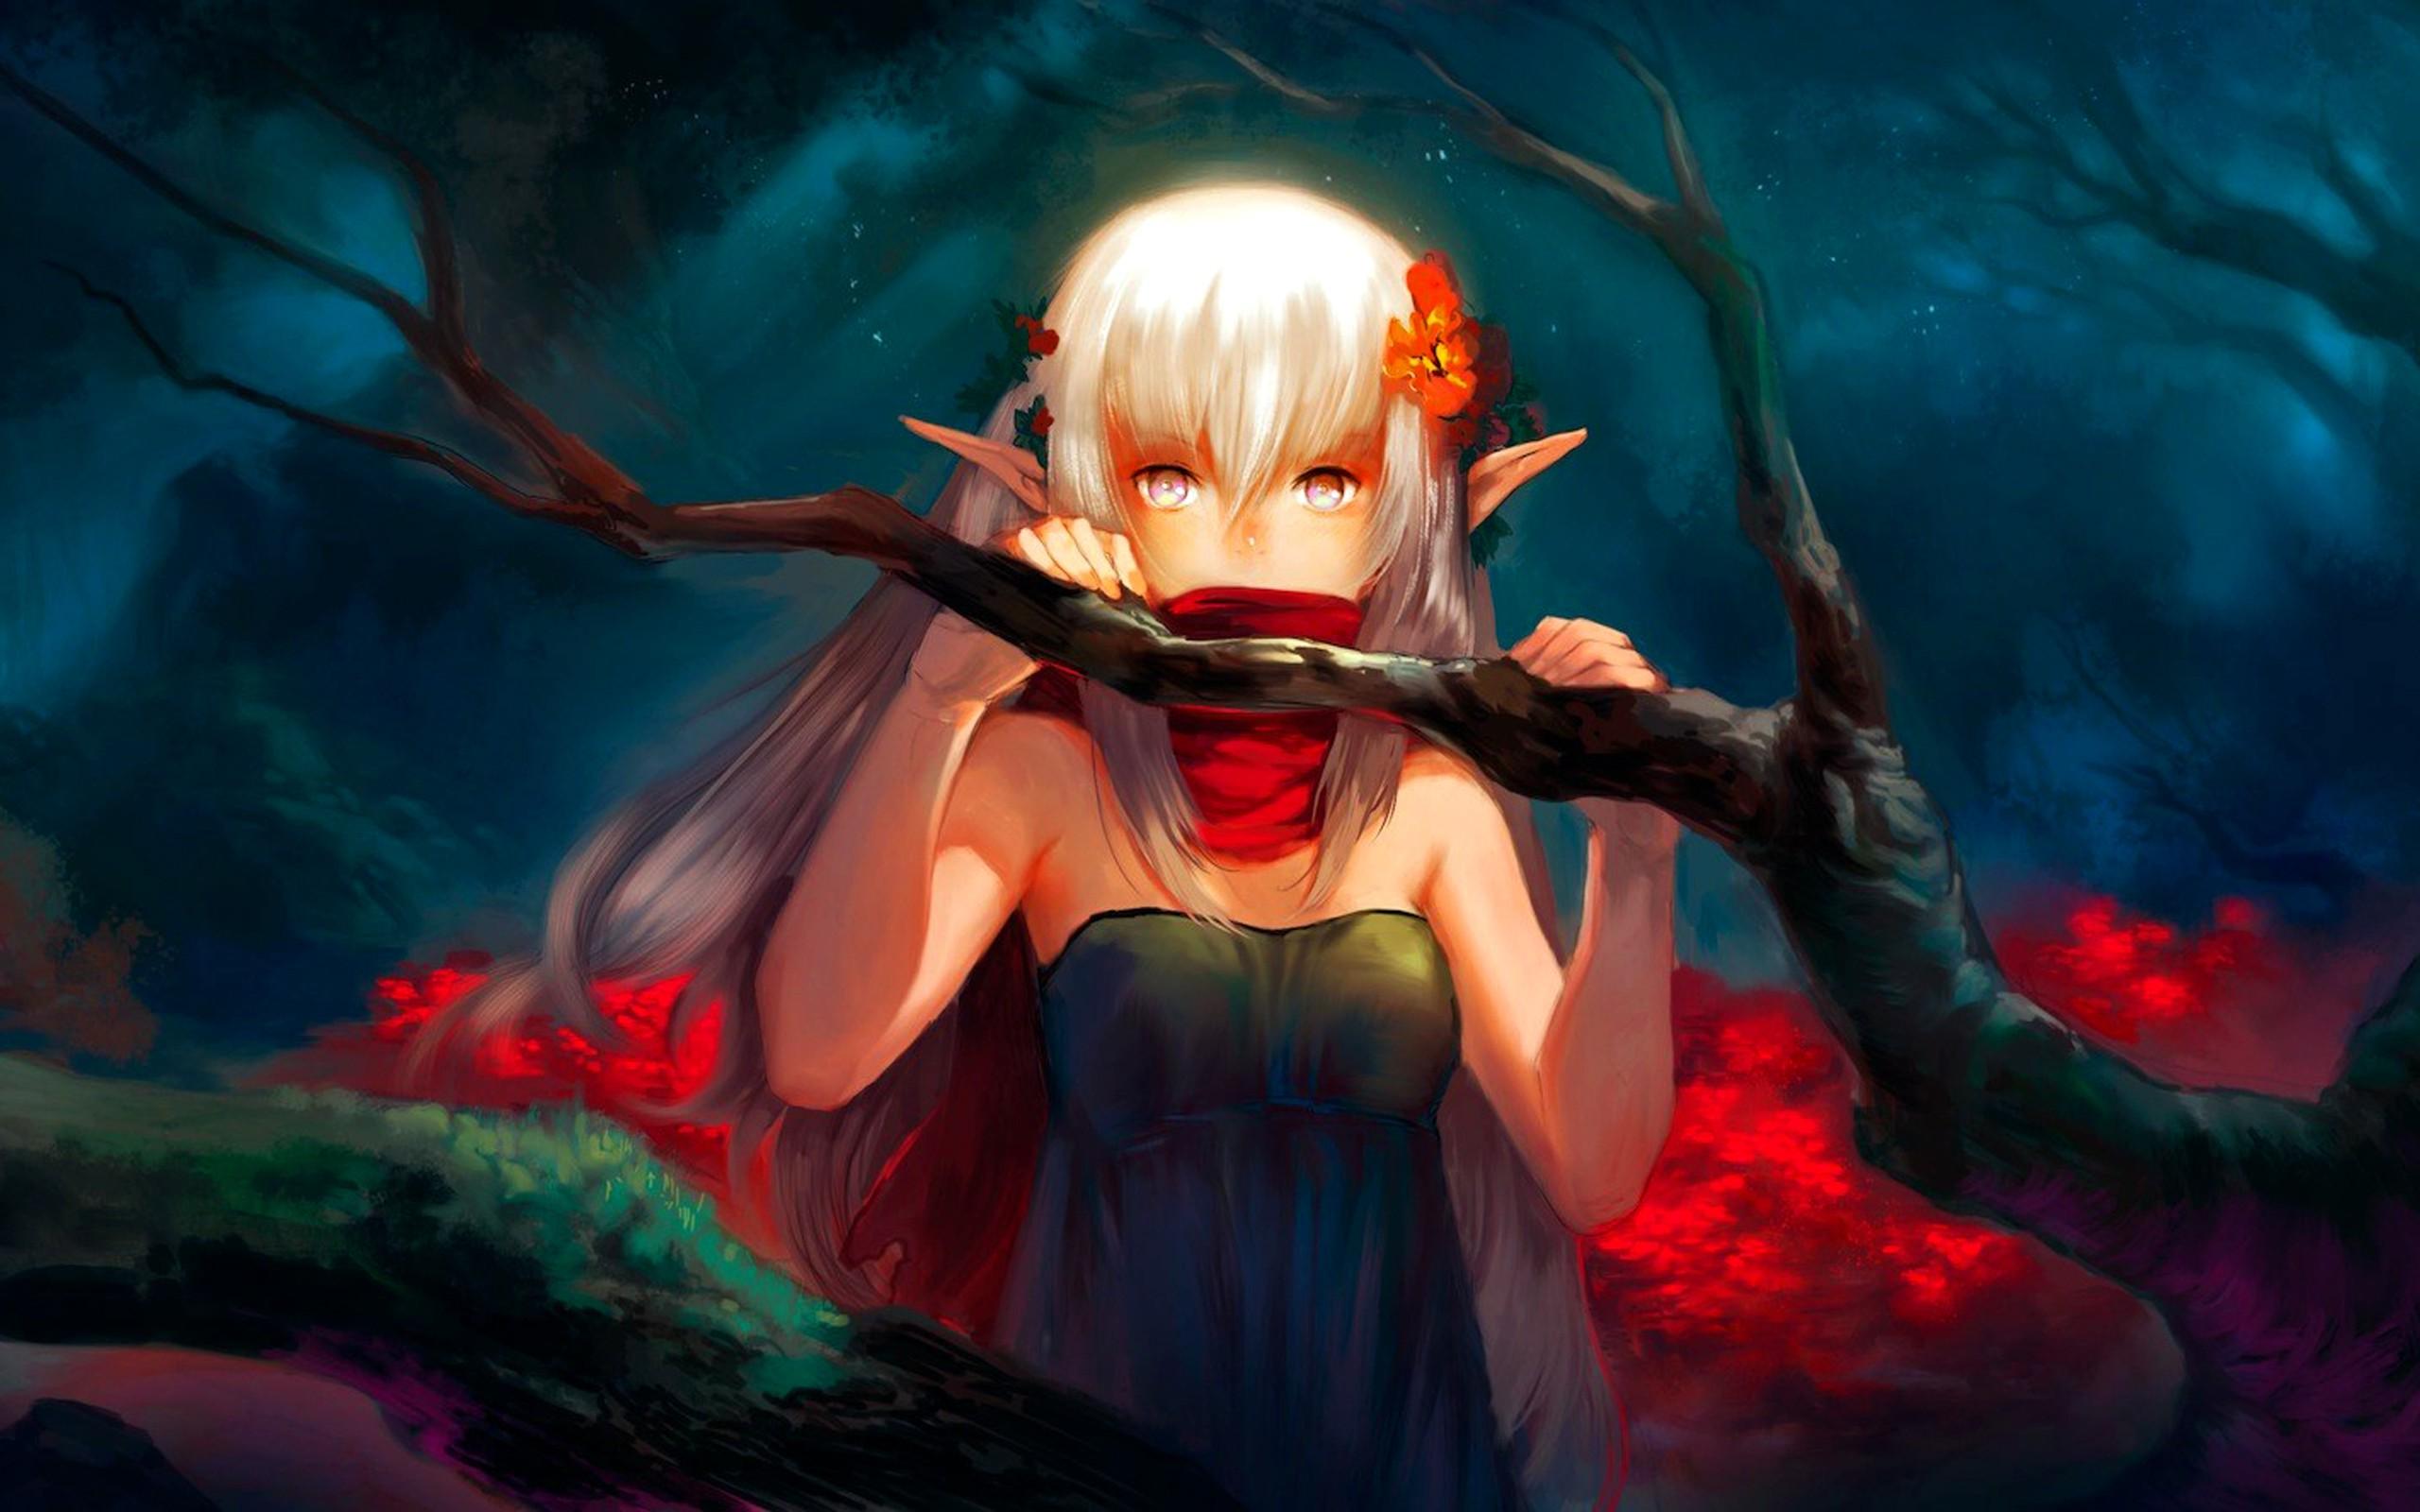 Fond d'écran : illustration, Anime, démon, mythologie, ART, obscurité, capture d'écran ...